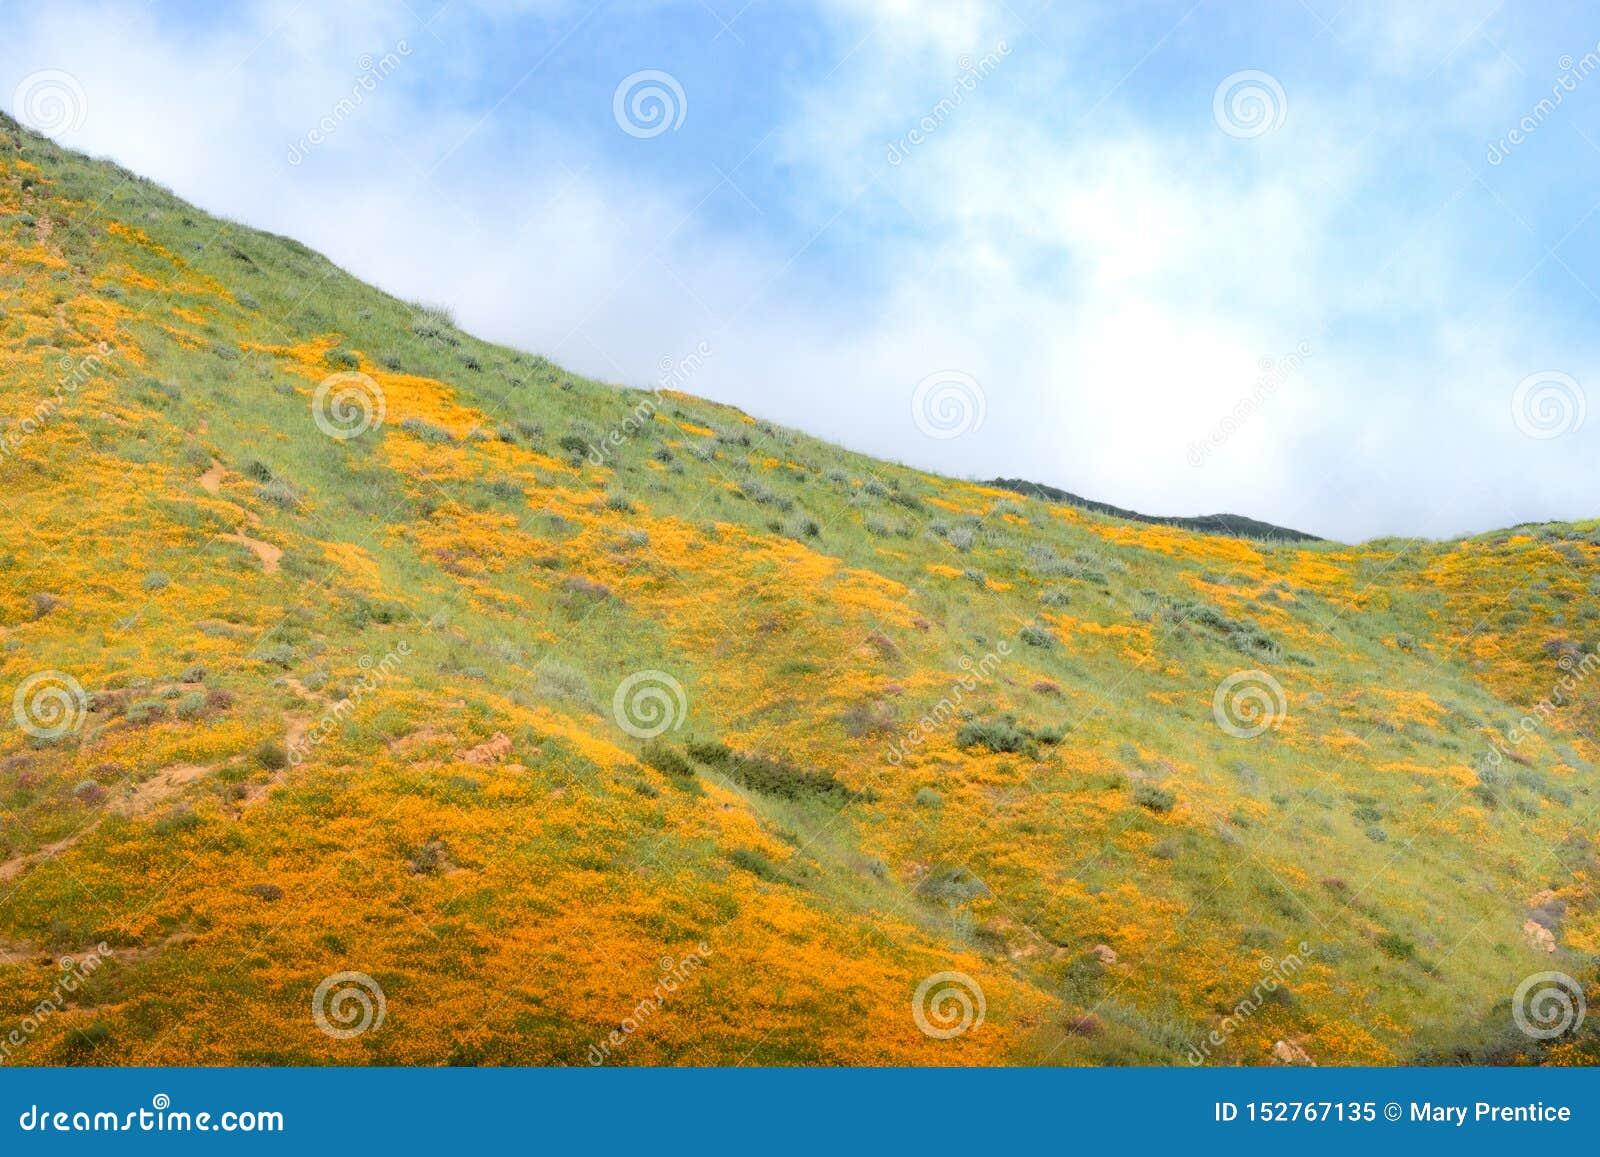 明亮的橙色充满活力的生动的金黄花菱草,在绽放,惊人的山坡的季节性春天本地植物野花